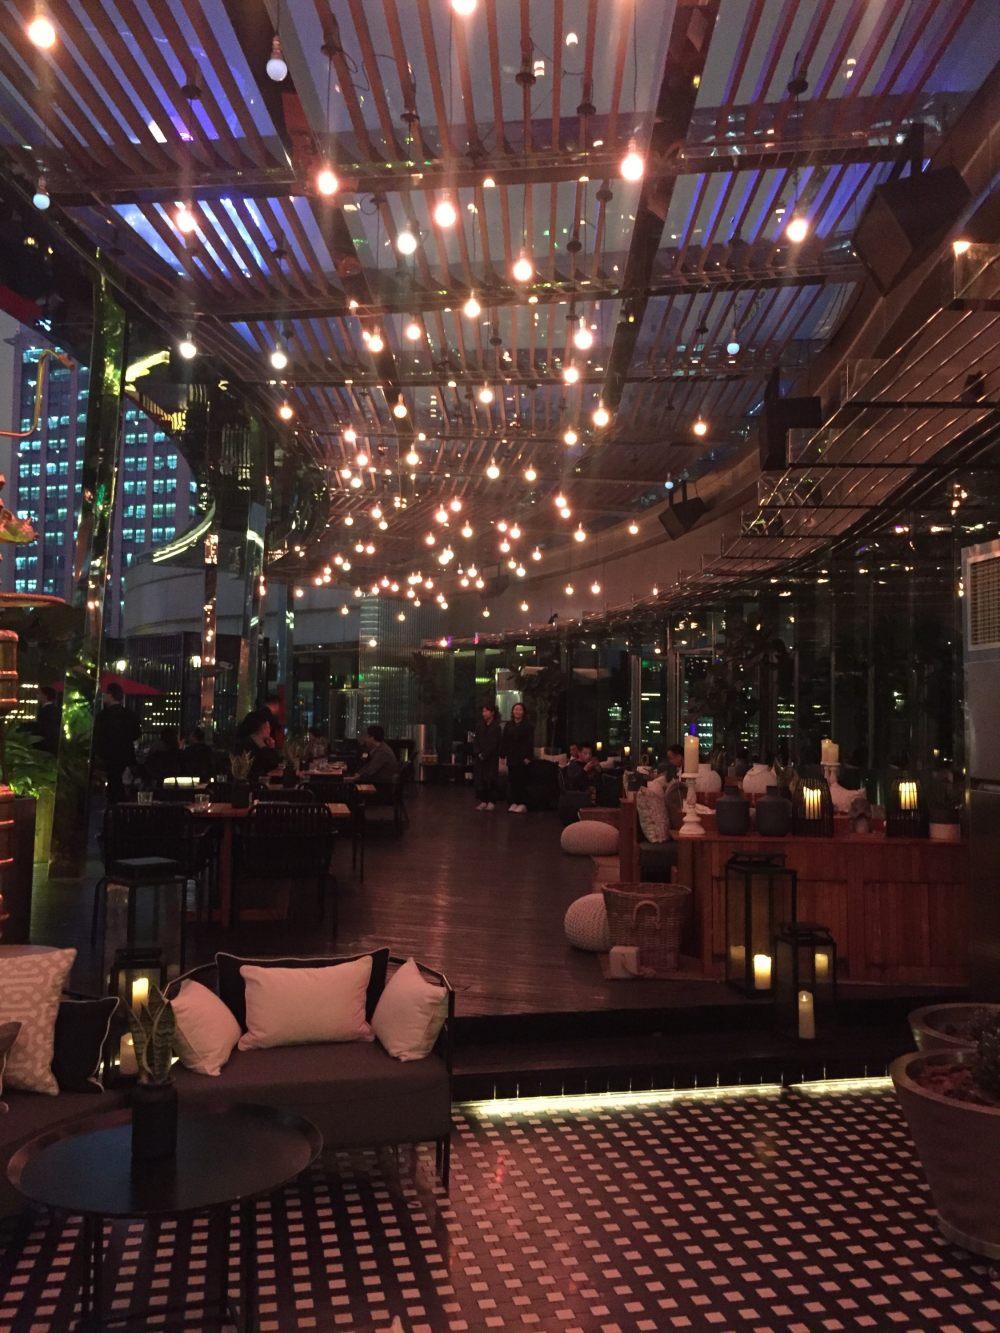 上海外滩W酒店,史上最全入住体验 自拍分享,申请置...._IMG_5881.JPG